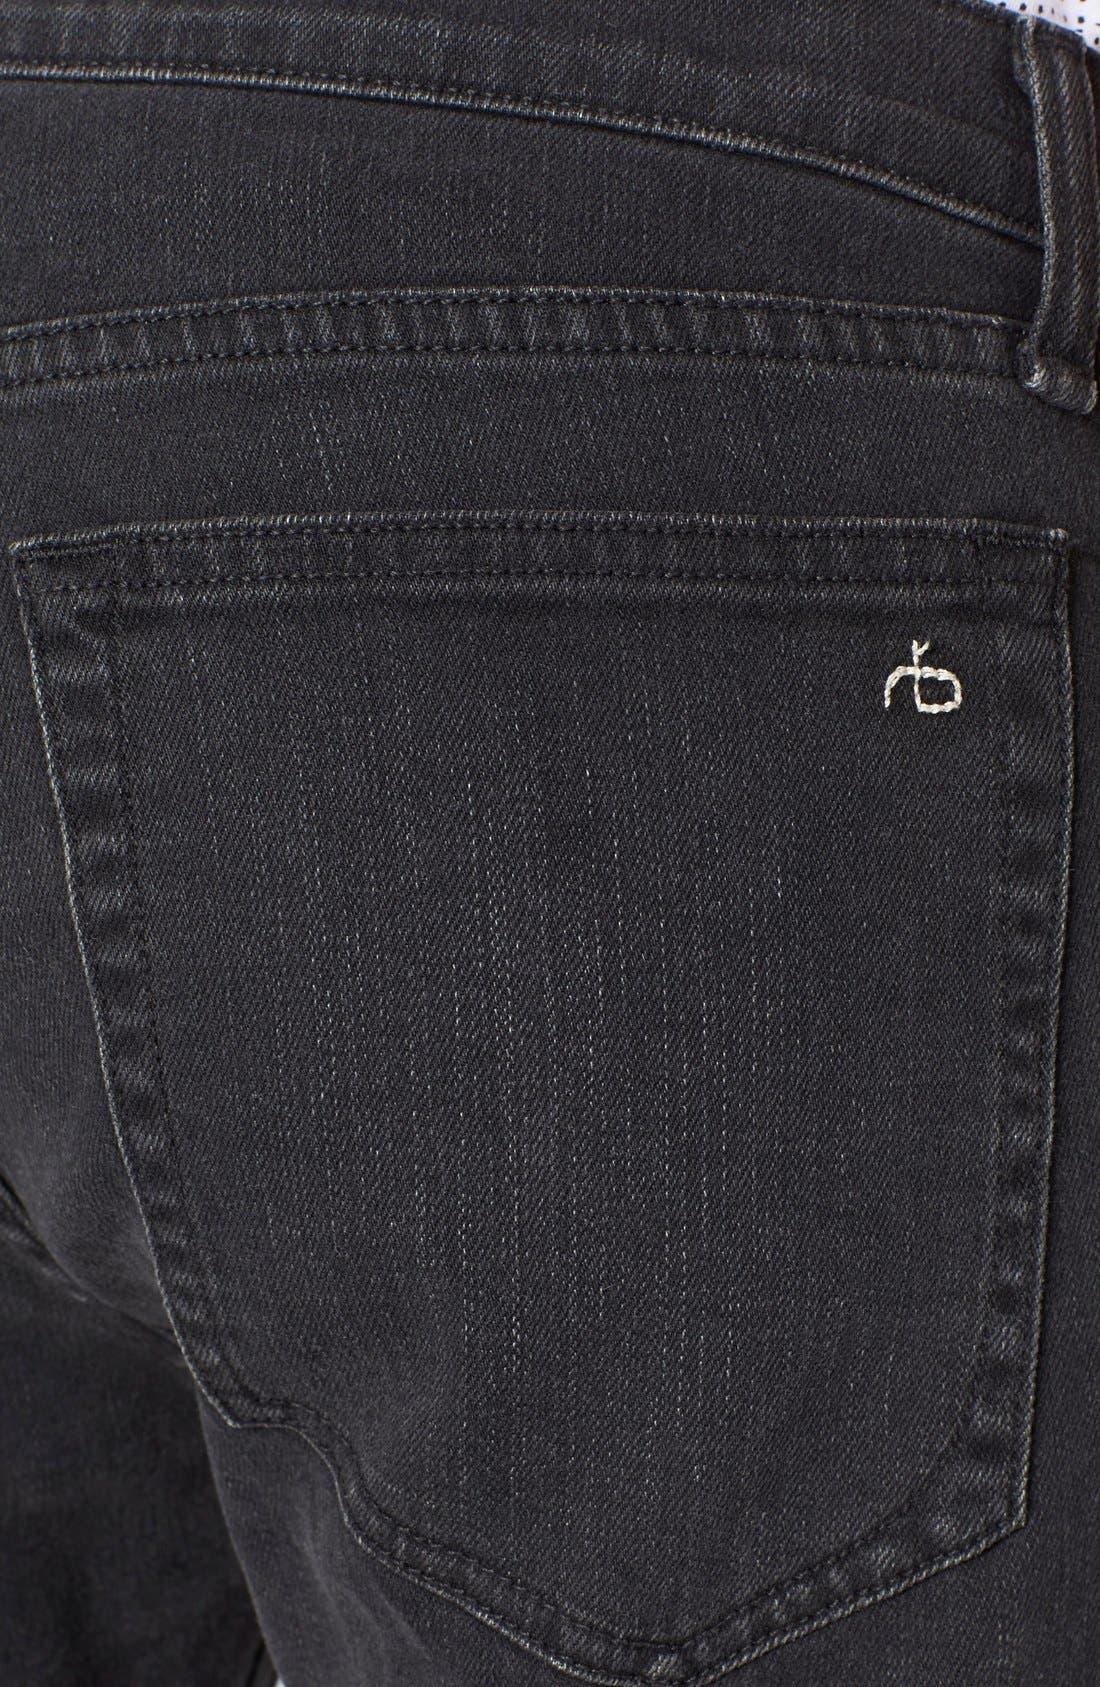 'Fit 2' Slim Fit Jeans,                             Alternate thumbnail 3, color,                             009